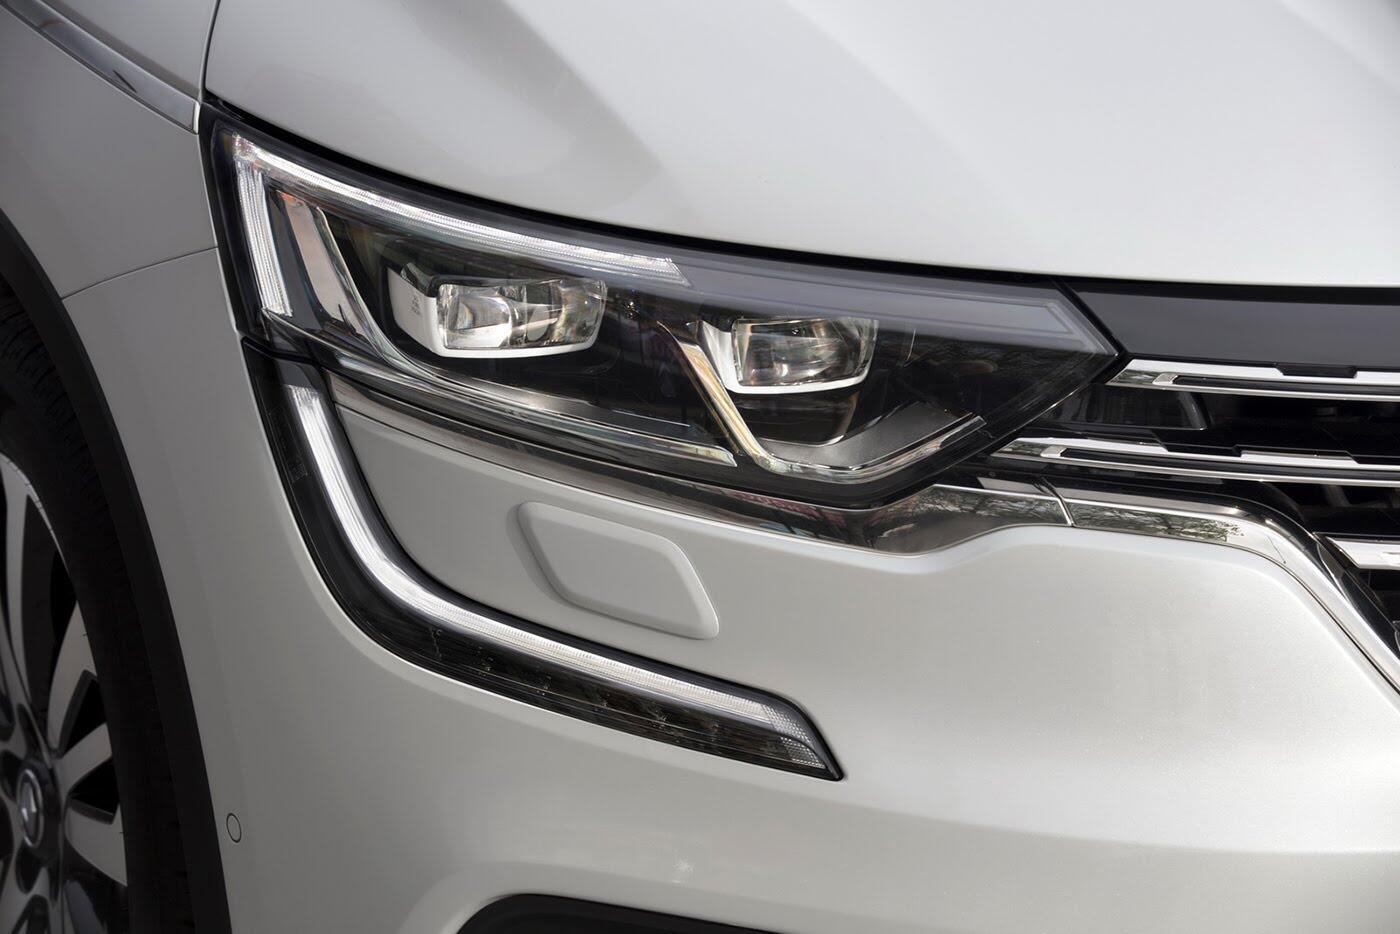 Chiêm ngưỡng vẻ đẹp của Renault Koleos 2017 - Hình 5